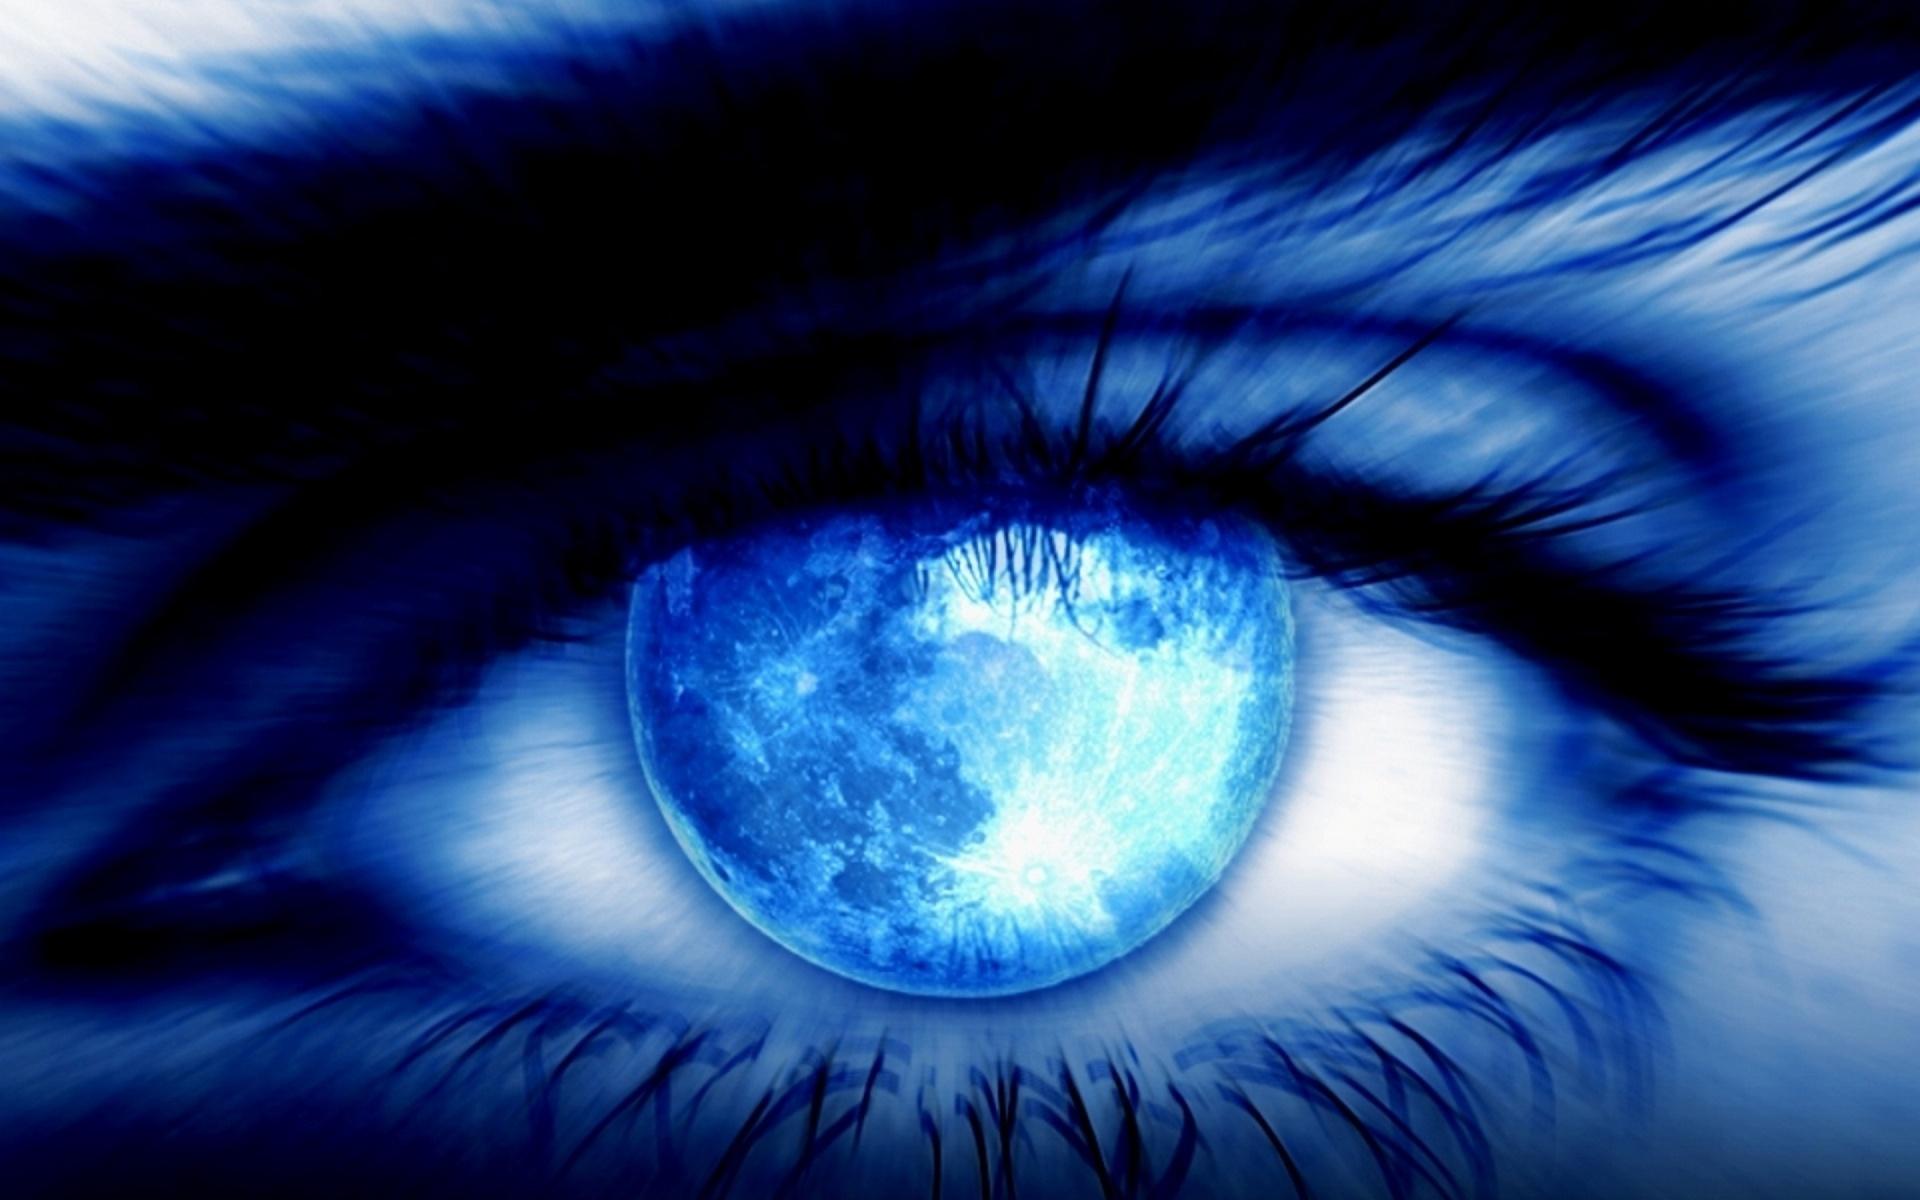 небольшую подборочку картинка глаза неба синего встречается